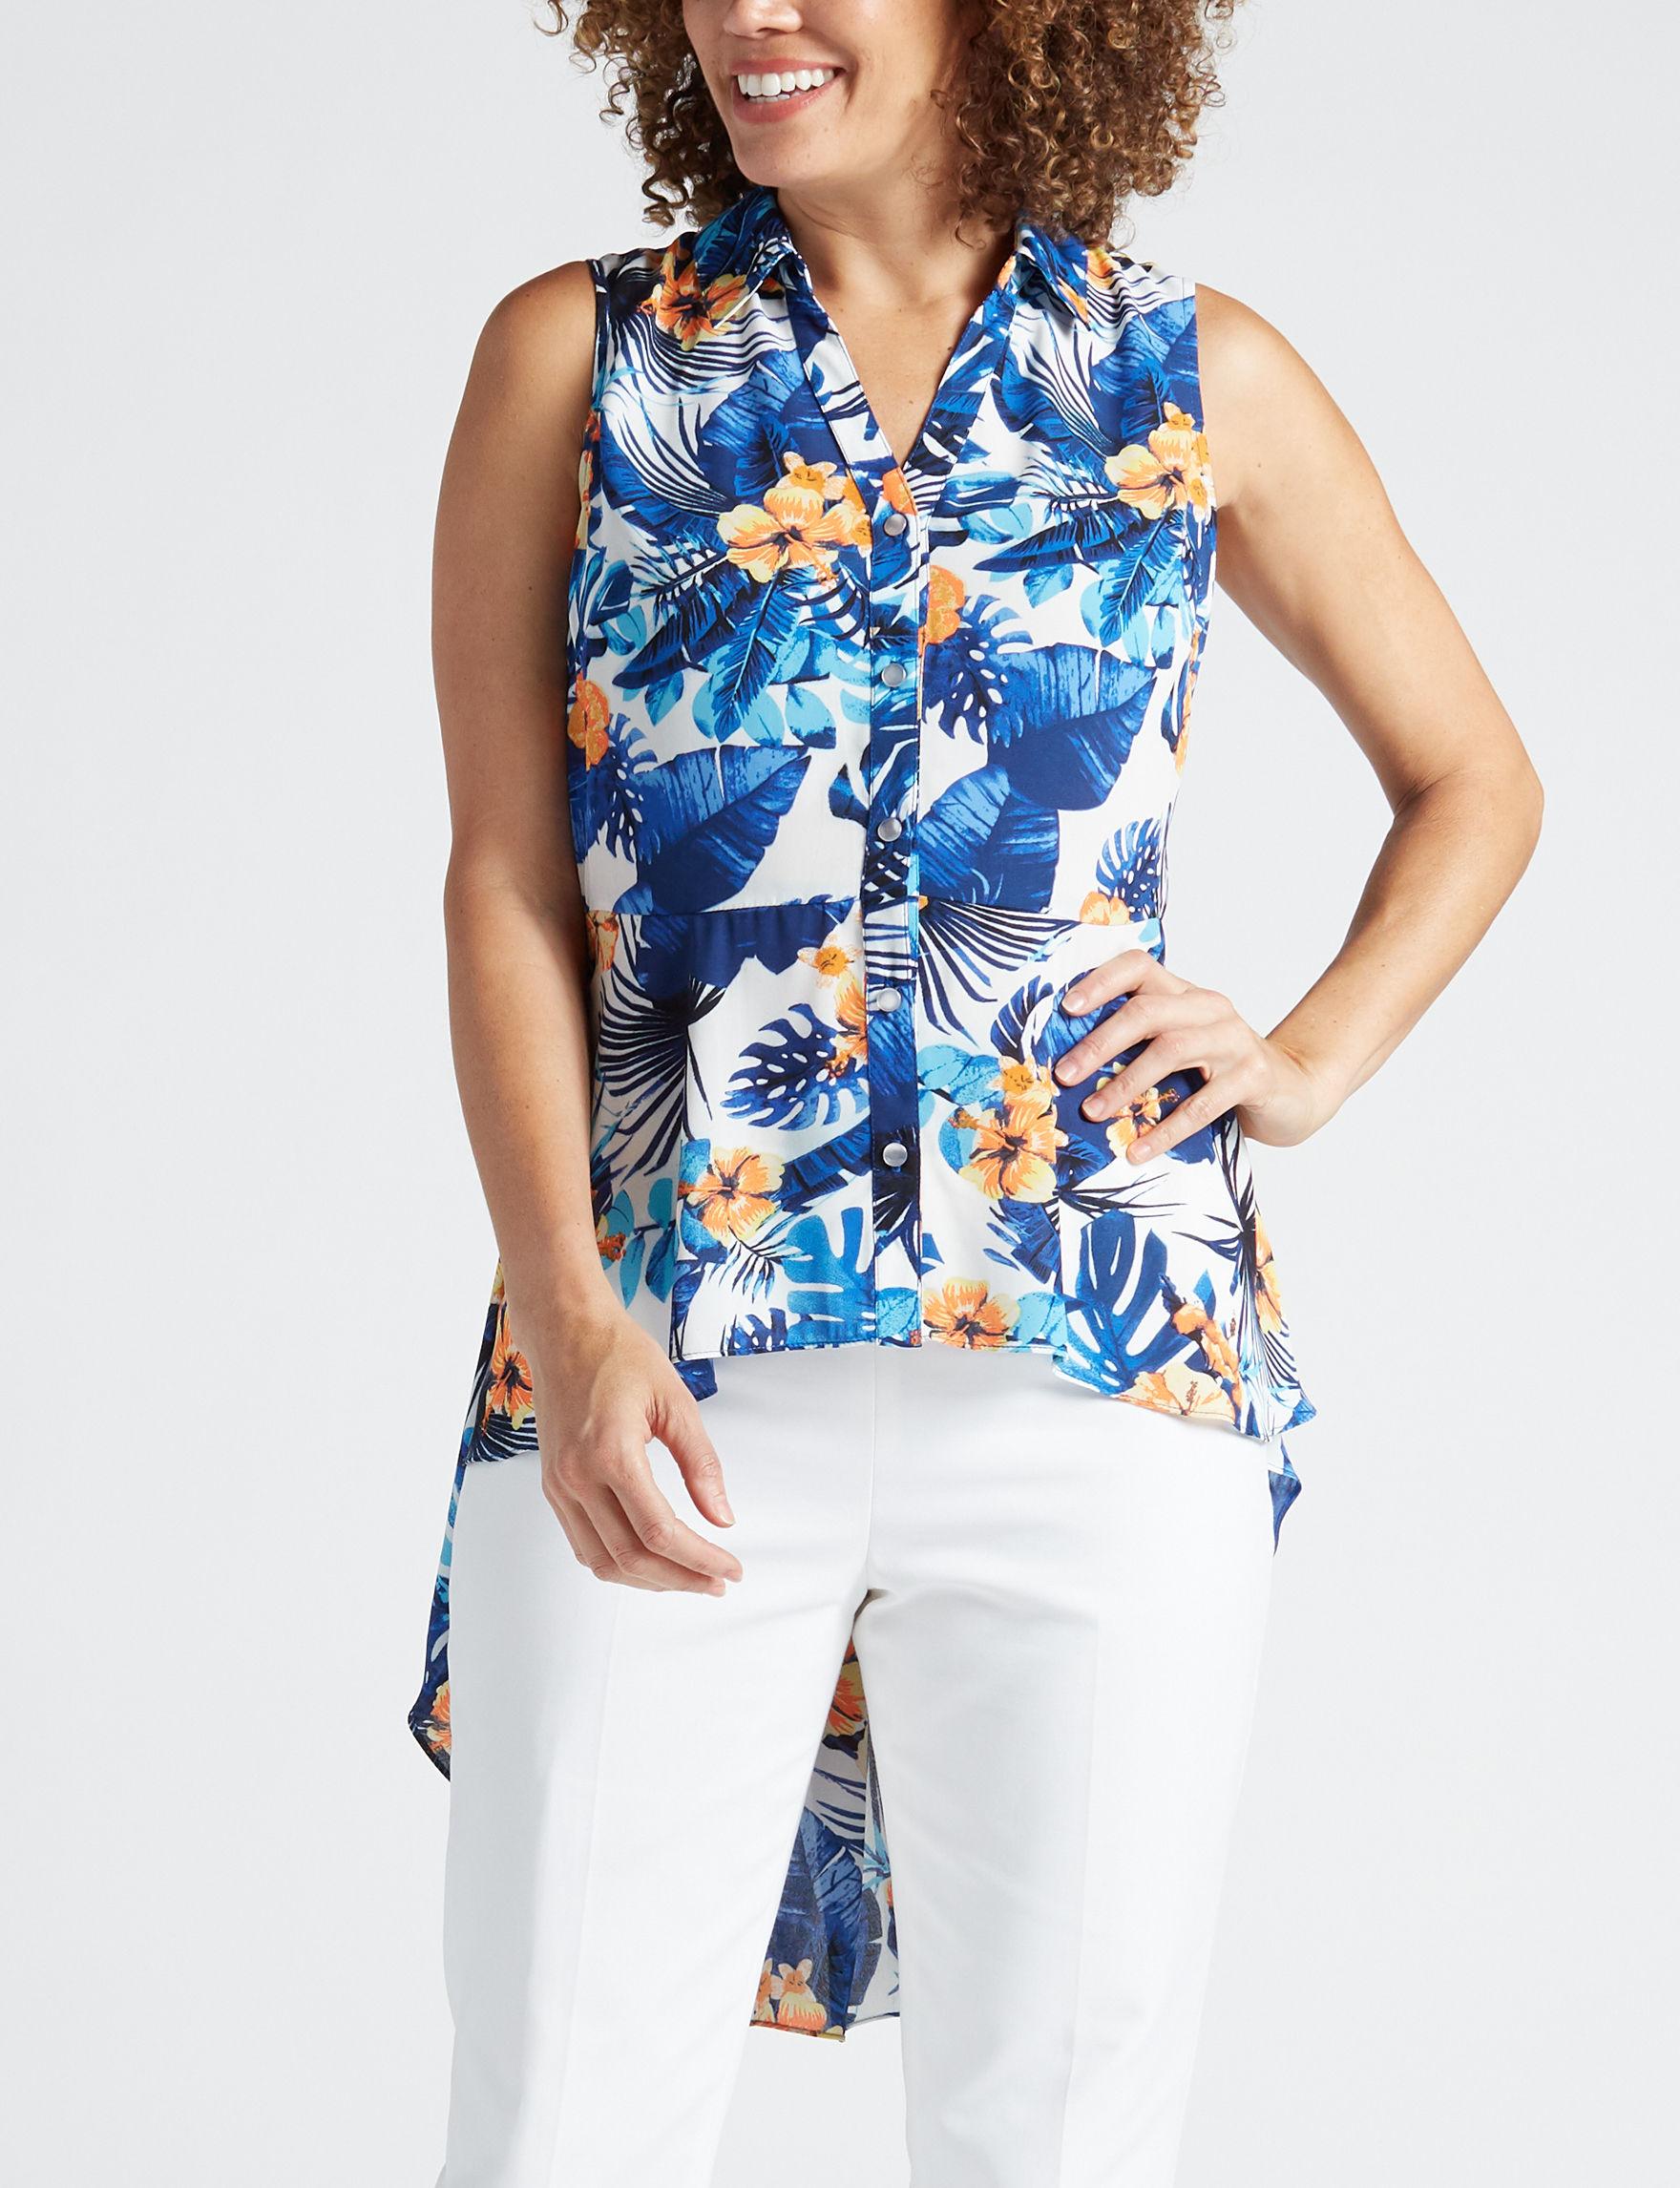 Valerie Stevens White Floral Shirts & Blouses